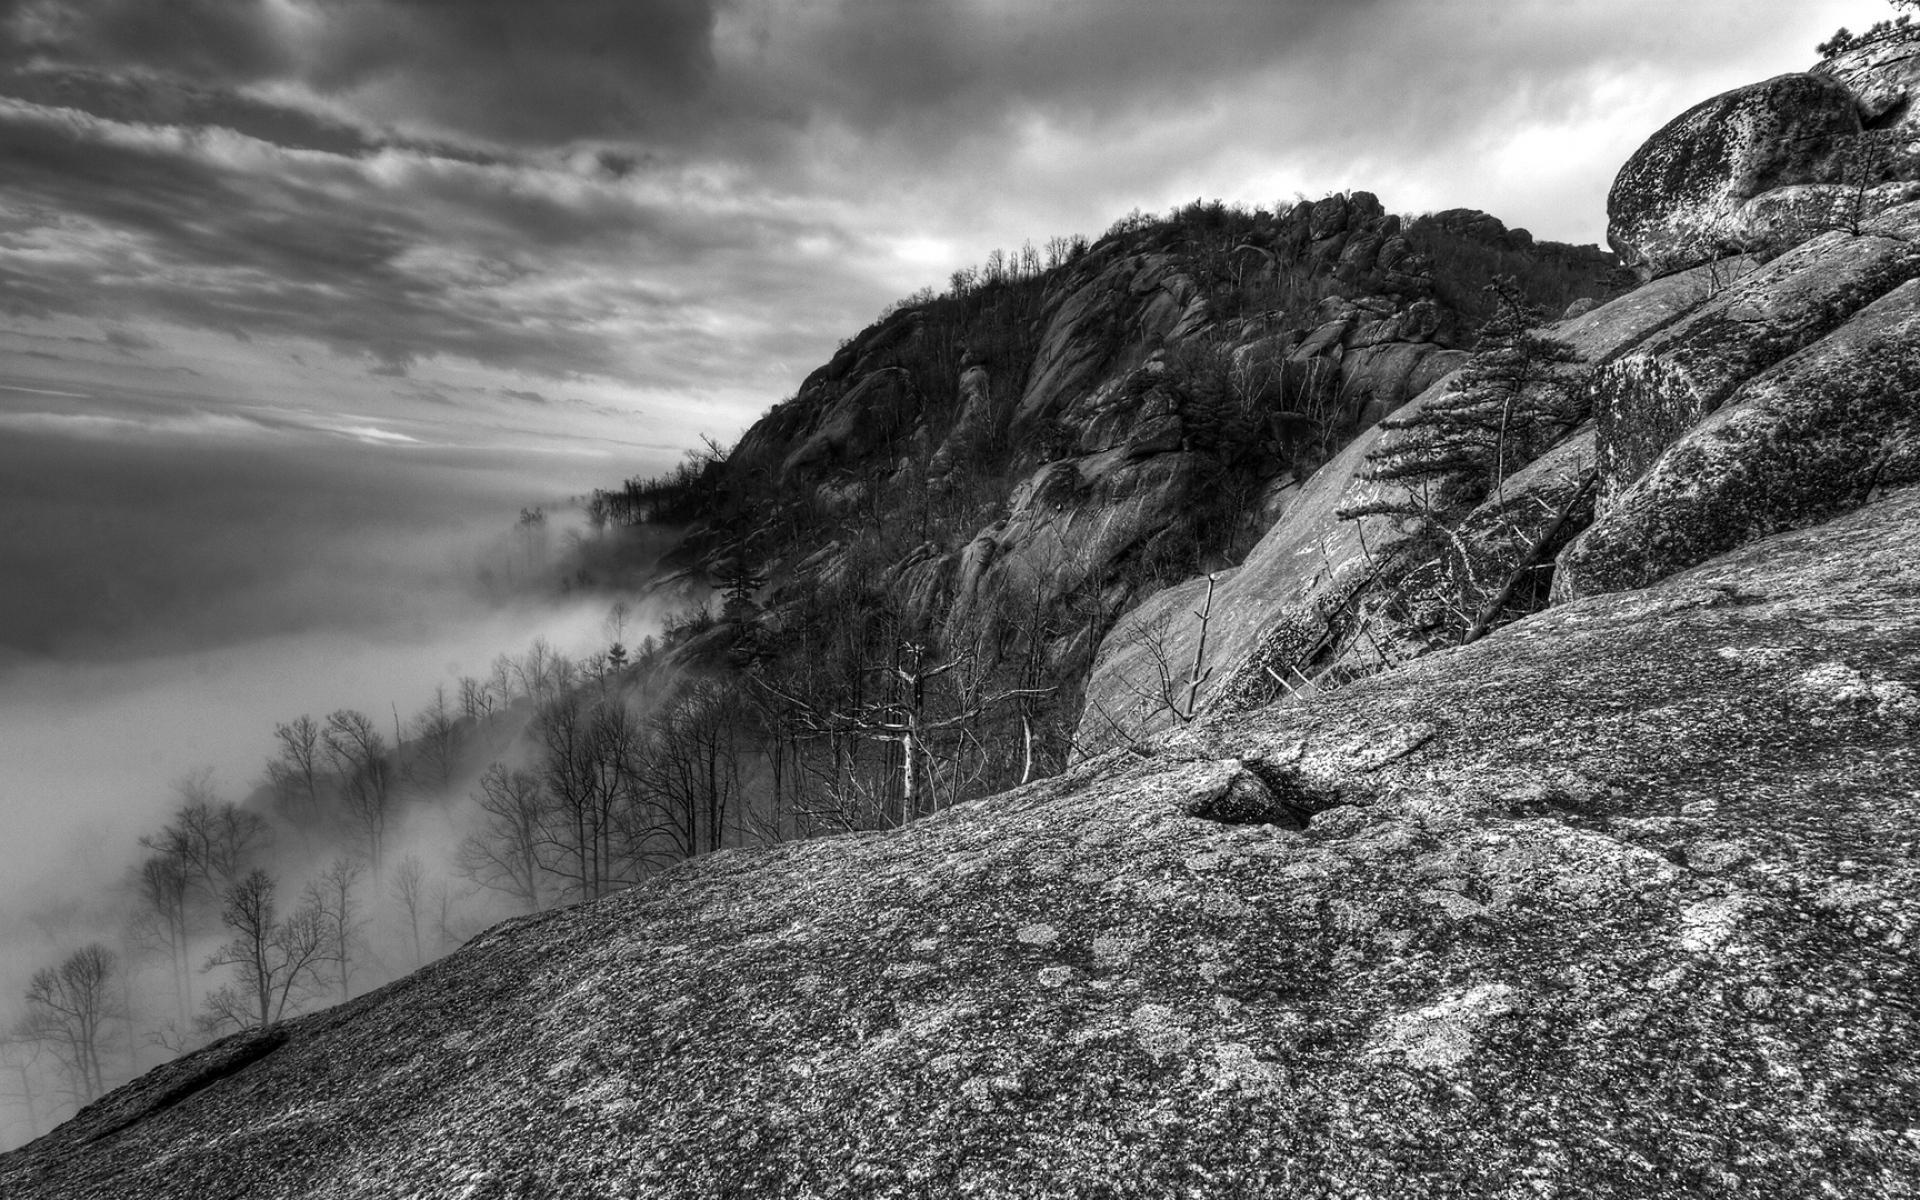 Картинки Горы, скалы, деревья, туман, черно-белые фото и обои на рабочий стол